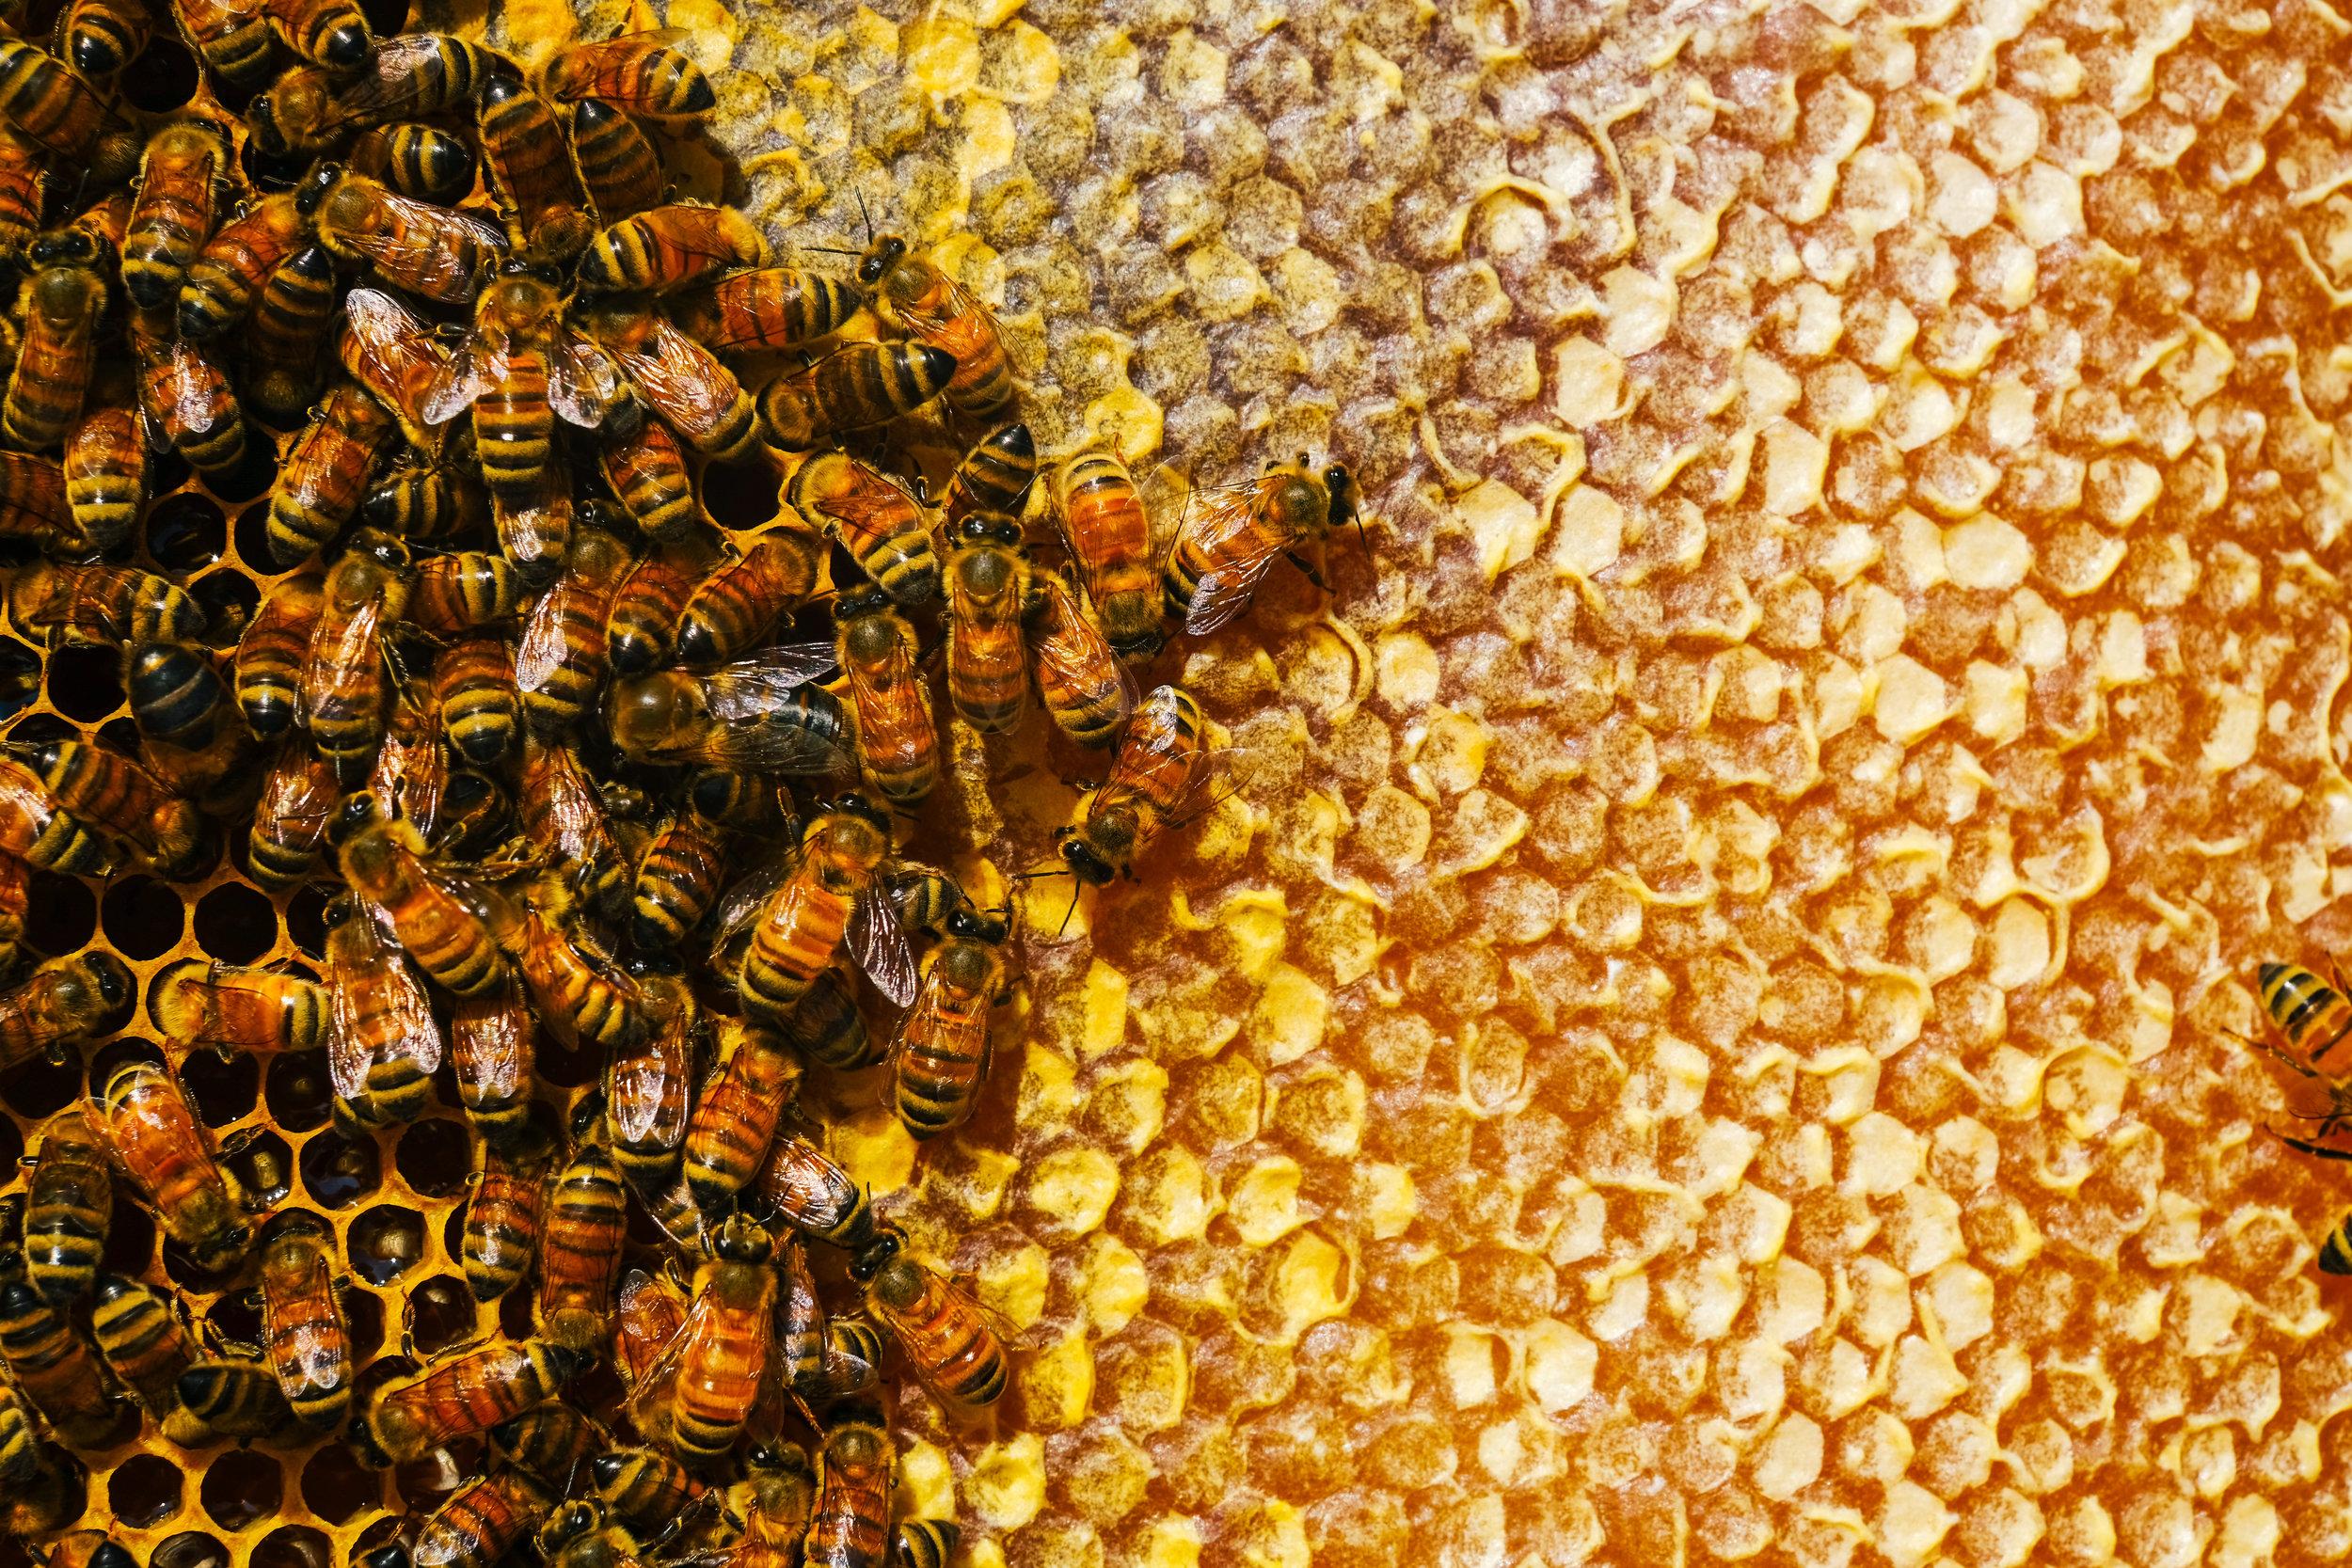 Bees_EmpressGreen-120.jpg